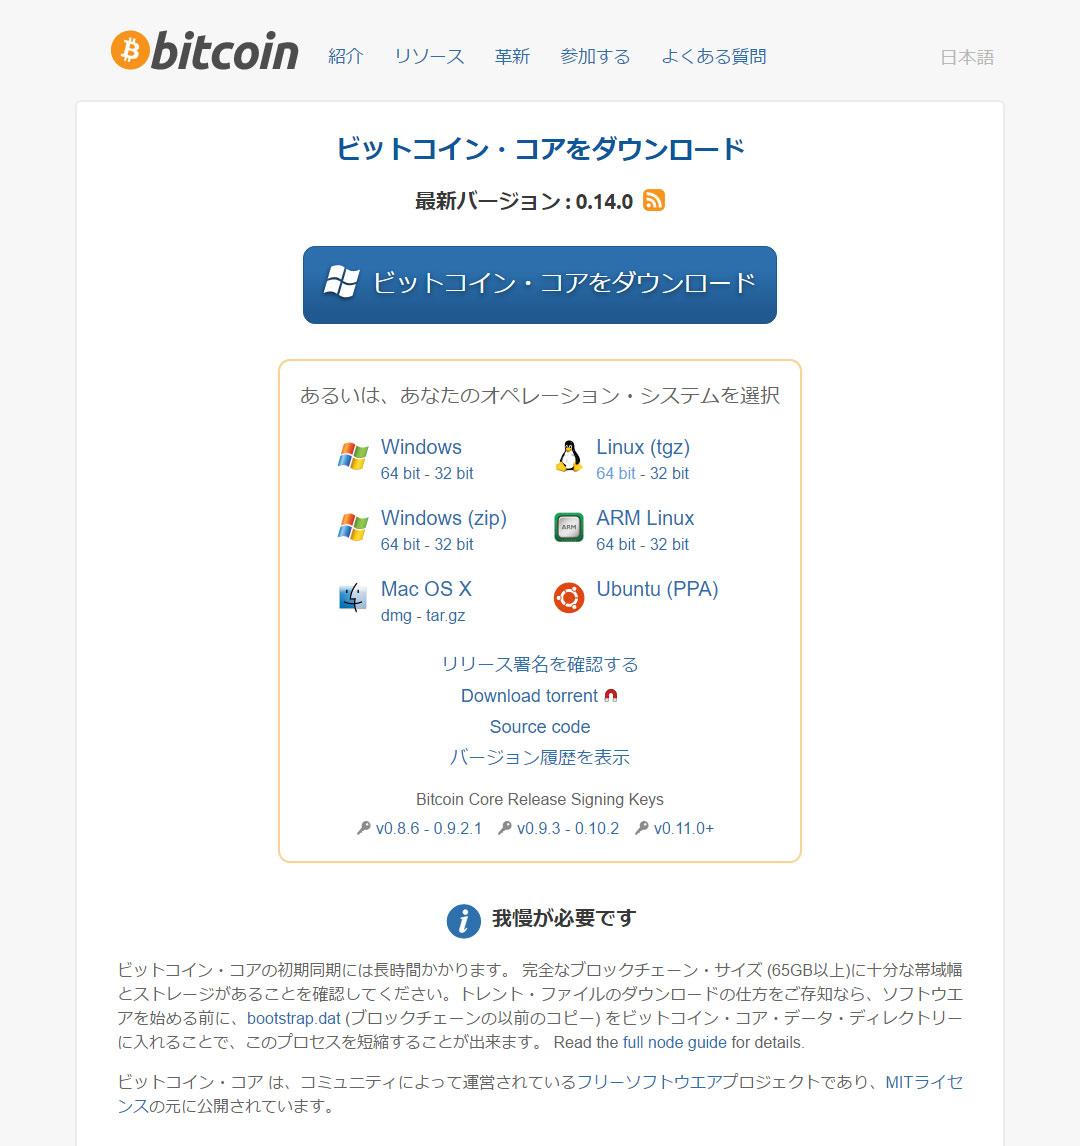 ビットコインコアサイト